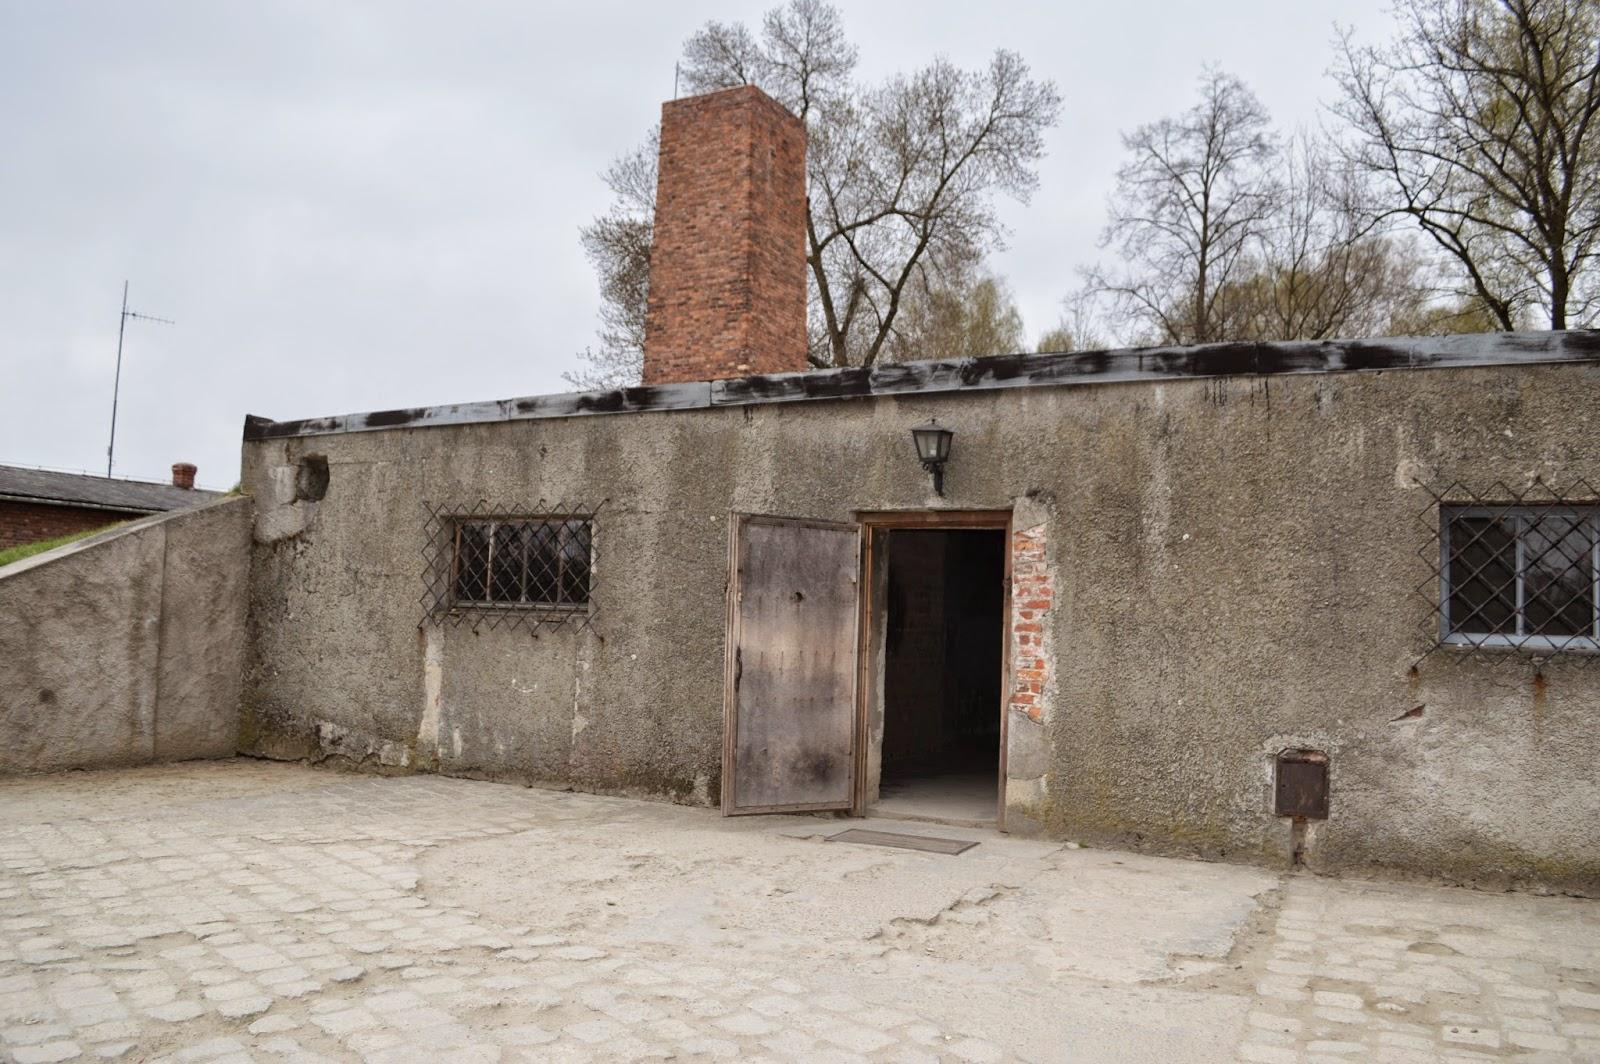 Auschwitz two day study tour - Krakow Forum - TripAdvisor